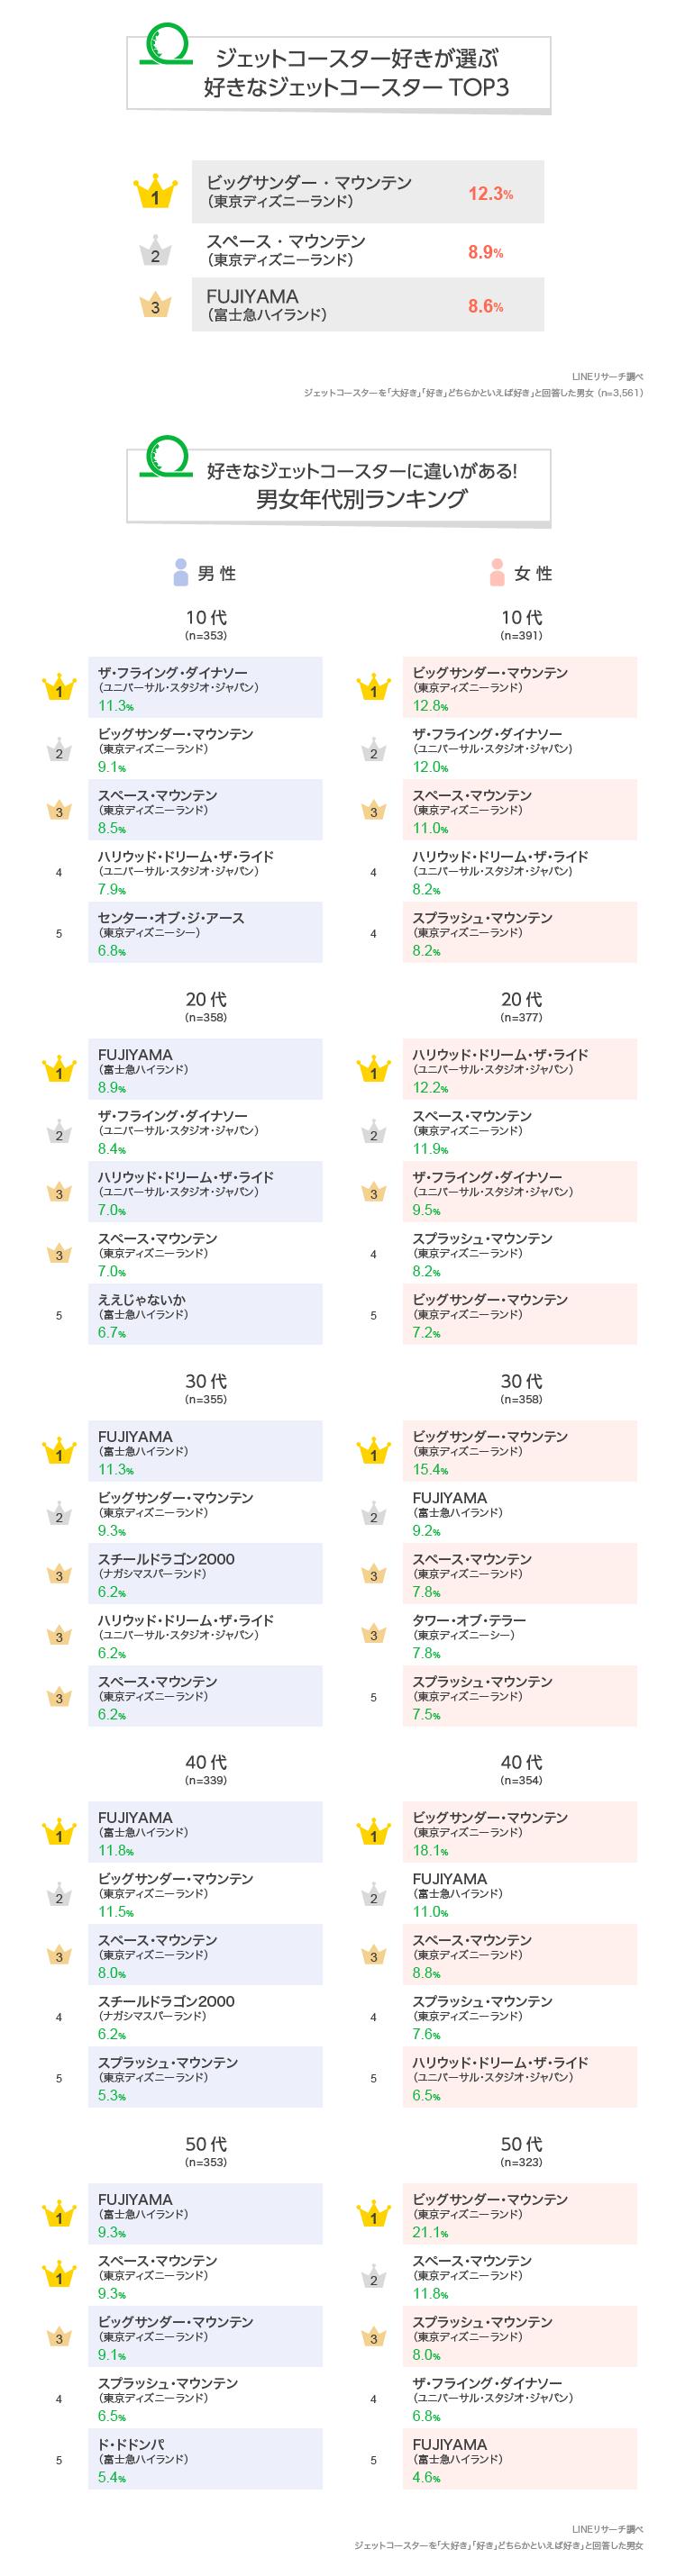 【LINEリサーチ】7/9はジェットコースターの日。東京ディズニーランドの「ビッグサンダー・マウンテン」「スペース・マウンテン」が総合人気TOP2に 男女ともに非日常のワクワク感などを楽しむ傾向